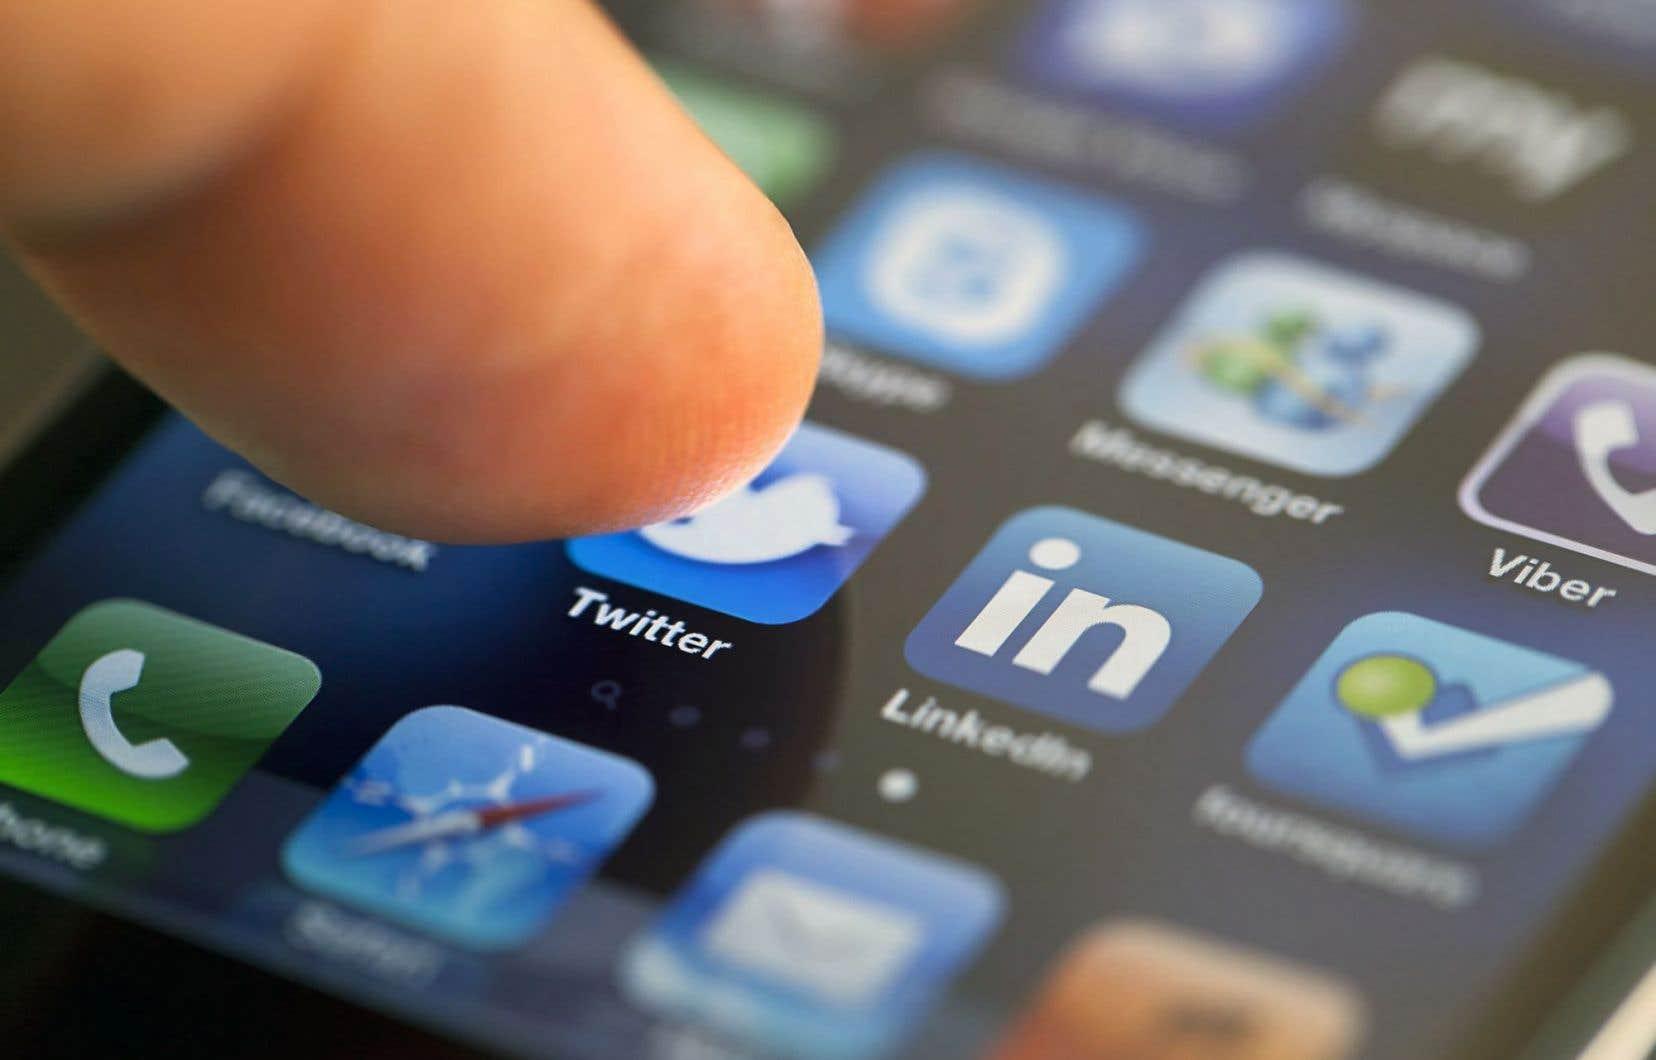 Les entreprises visent une nouvelle partie du marché, à savoir les «Millennials», soit les jeunes adultes de la génération Internet.